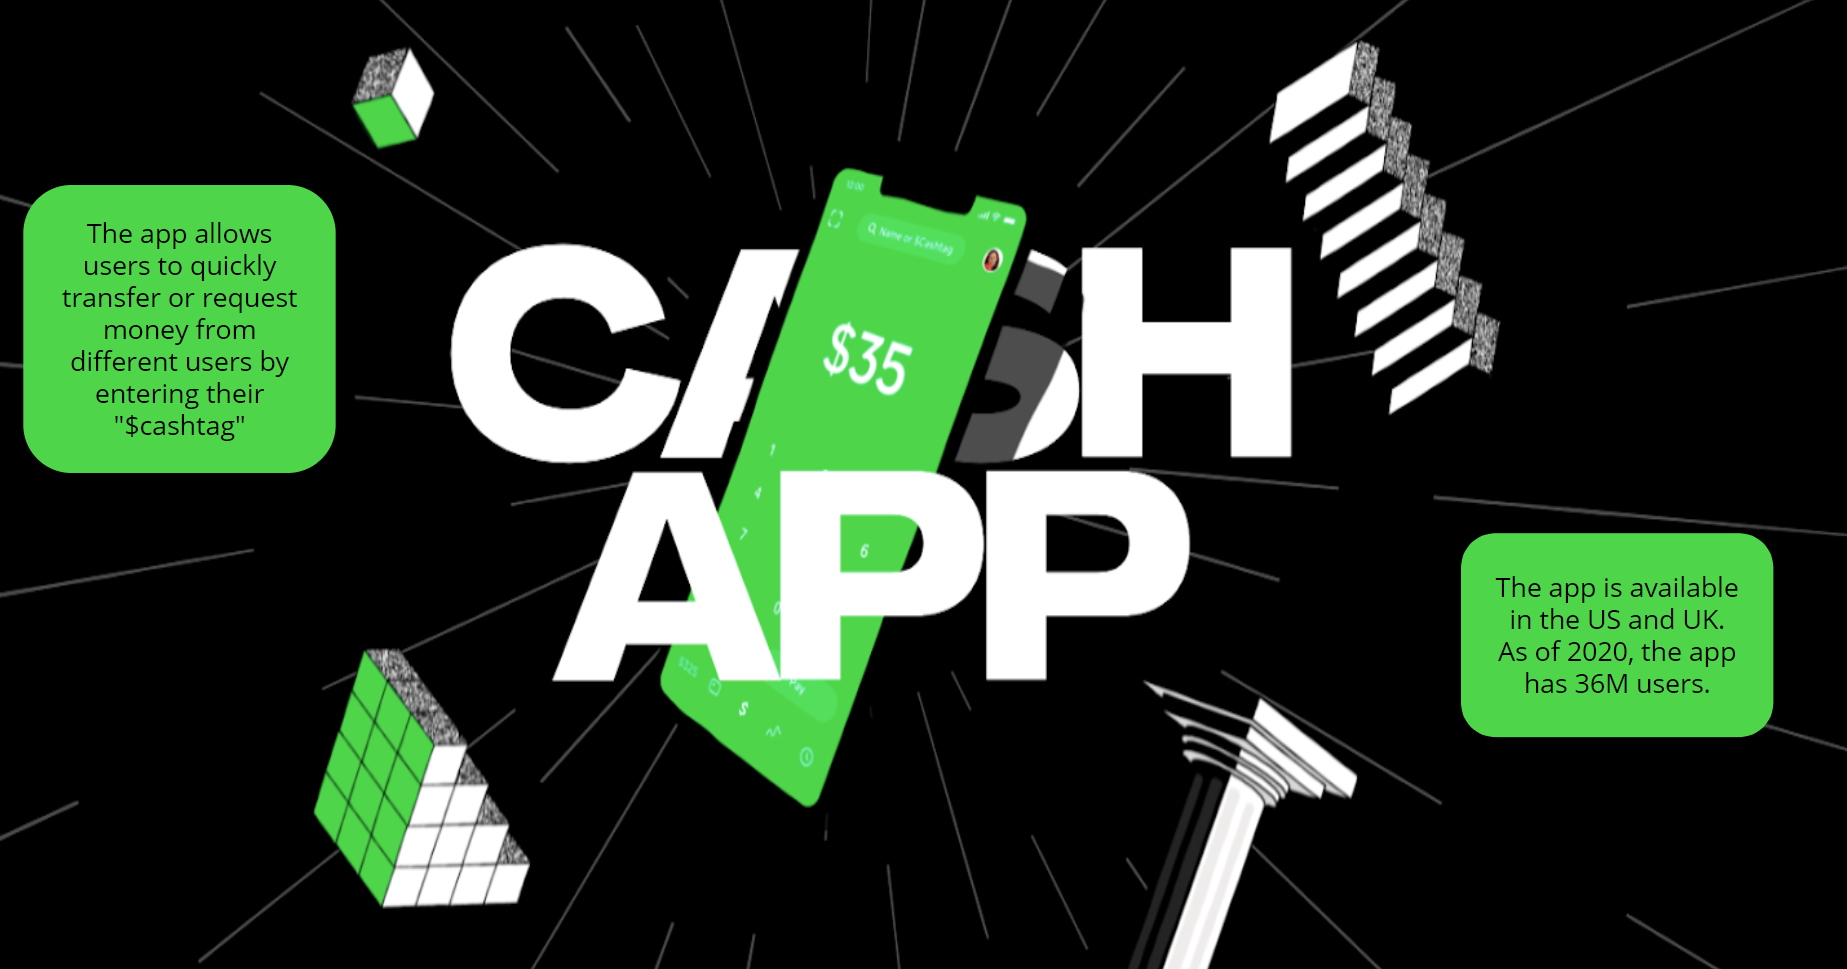 Cash App - Square Inc.